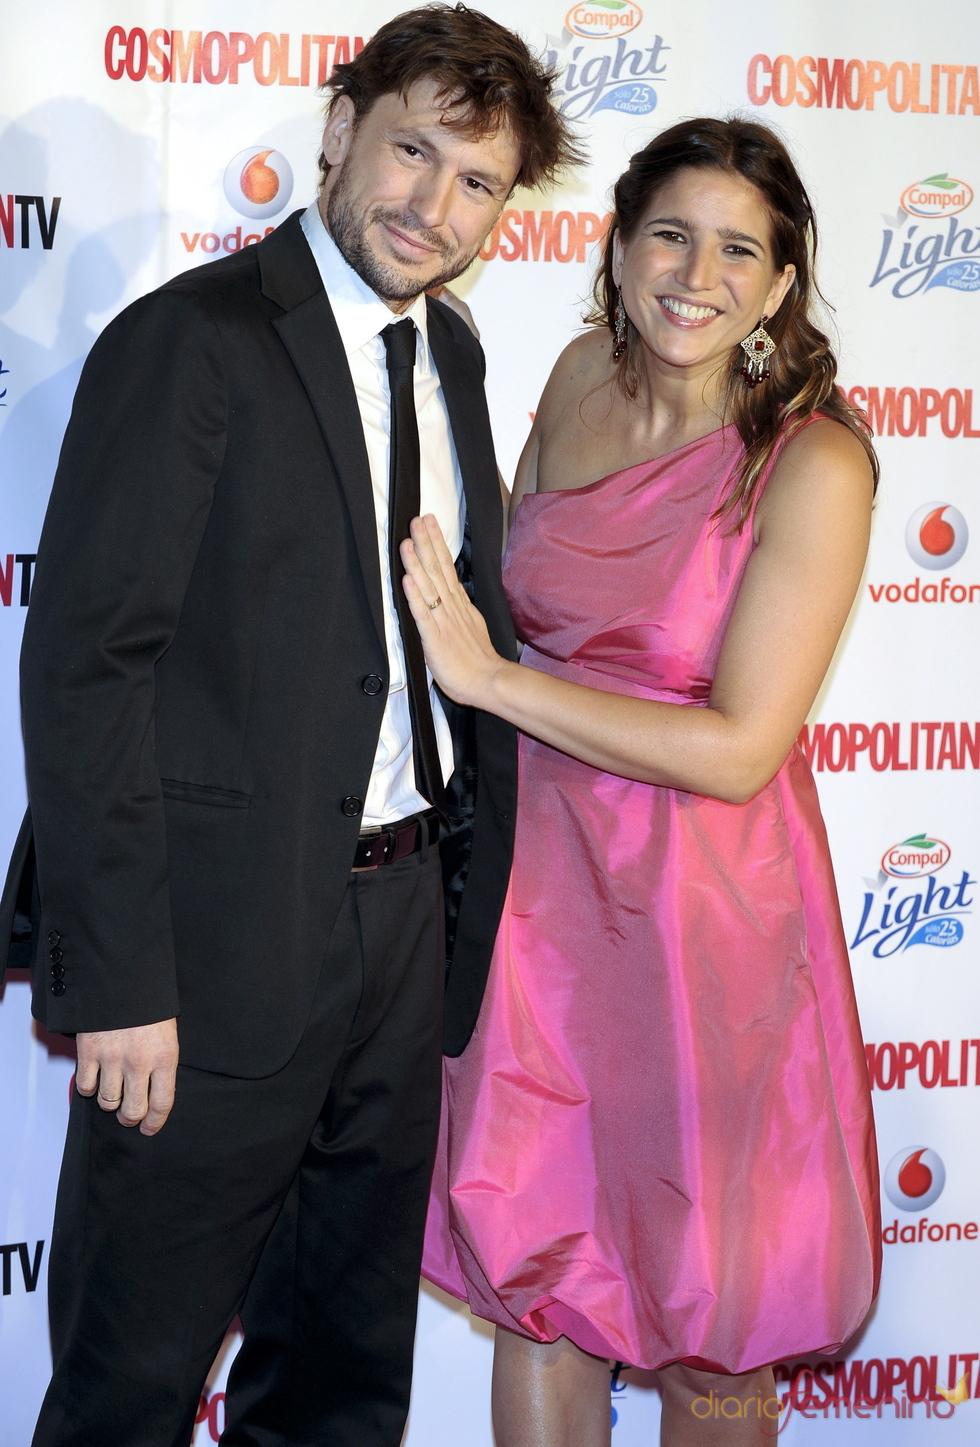 Lucía Jiménez y benito Sagredo en los Premios Cosmopolitan TV